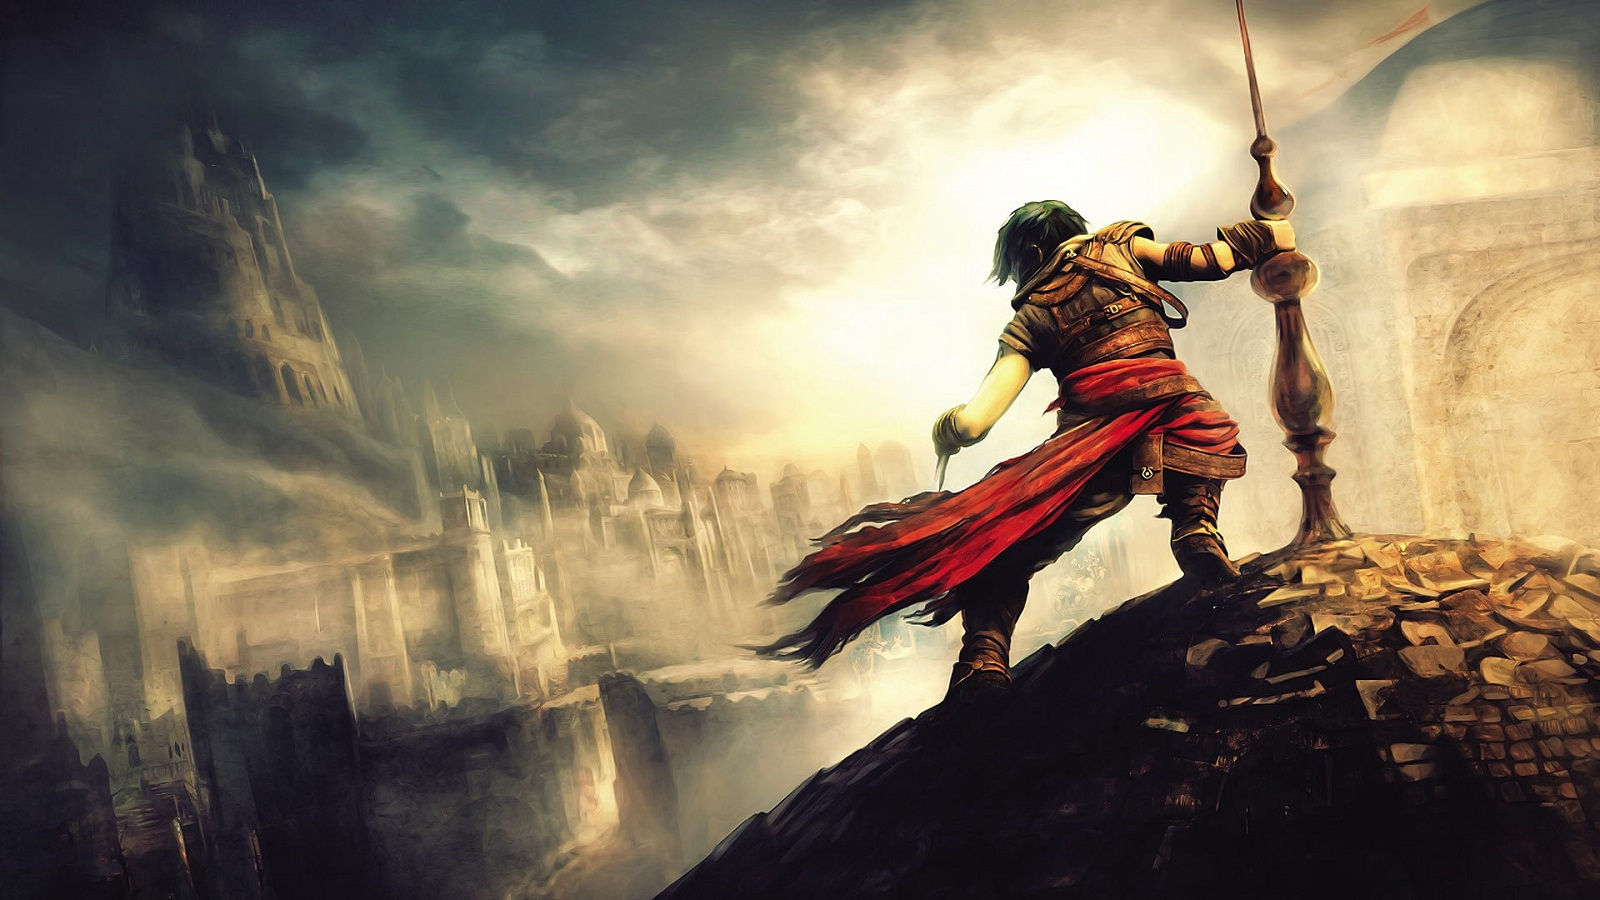 В интернете нашли геймплей отмененной Prince of Persia